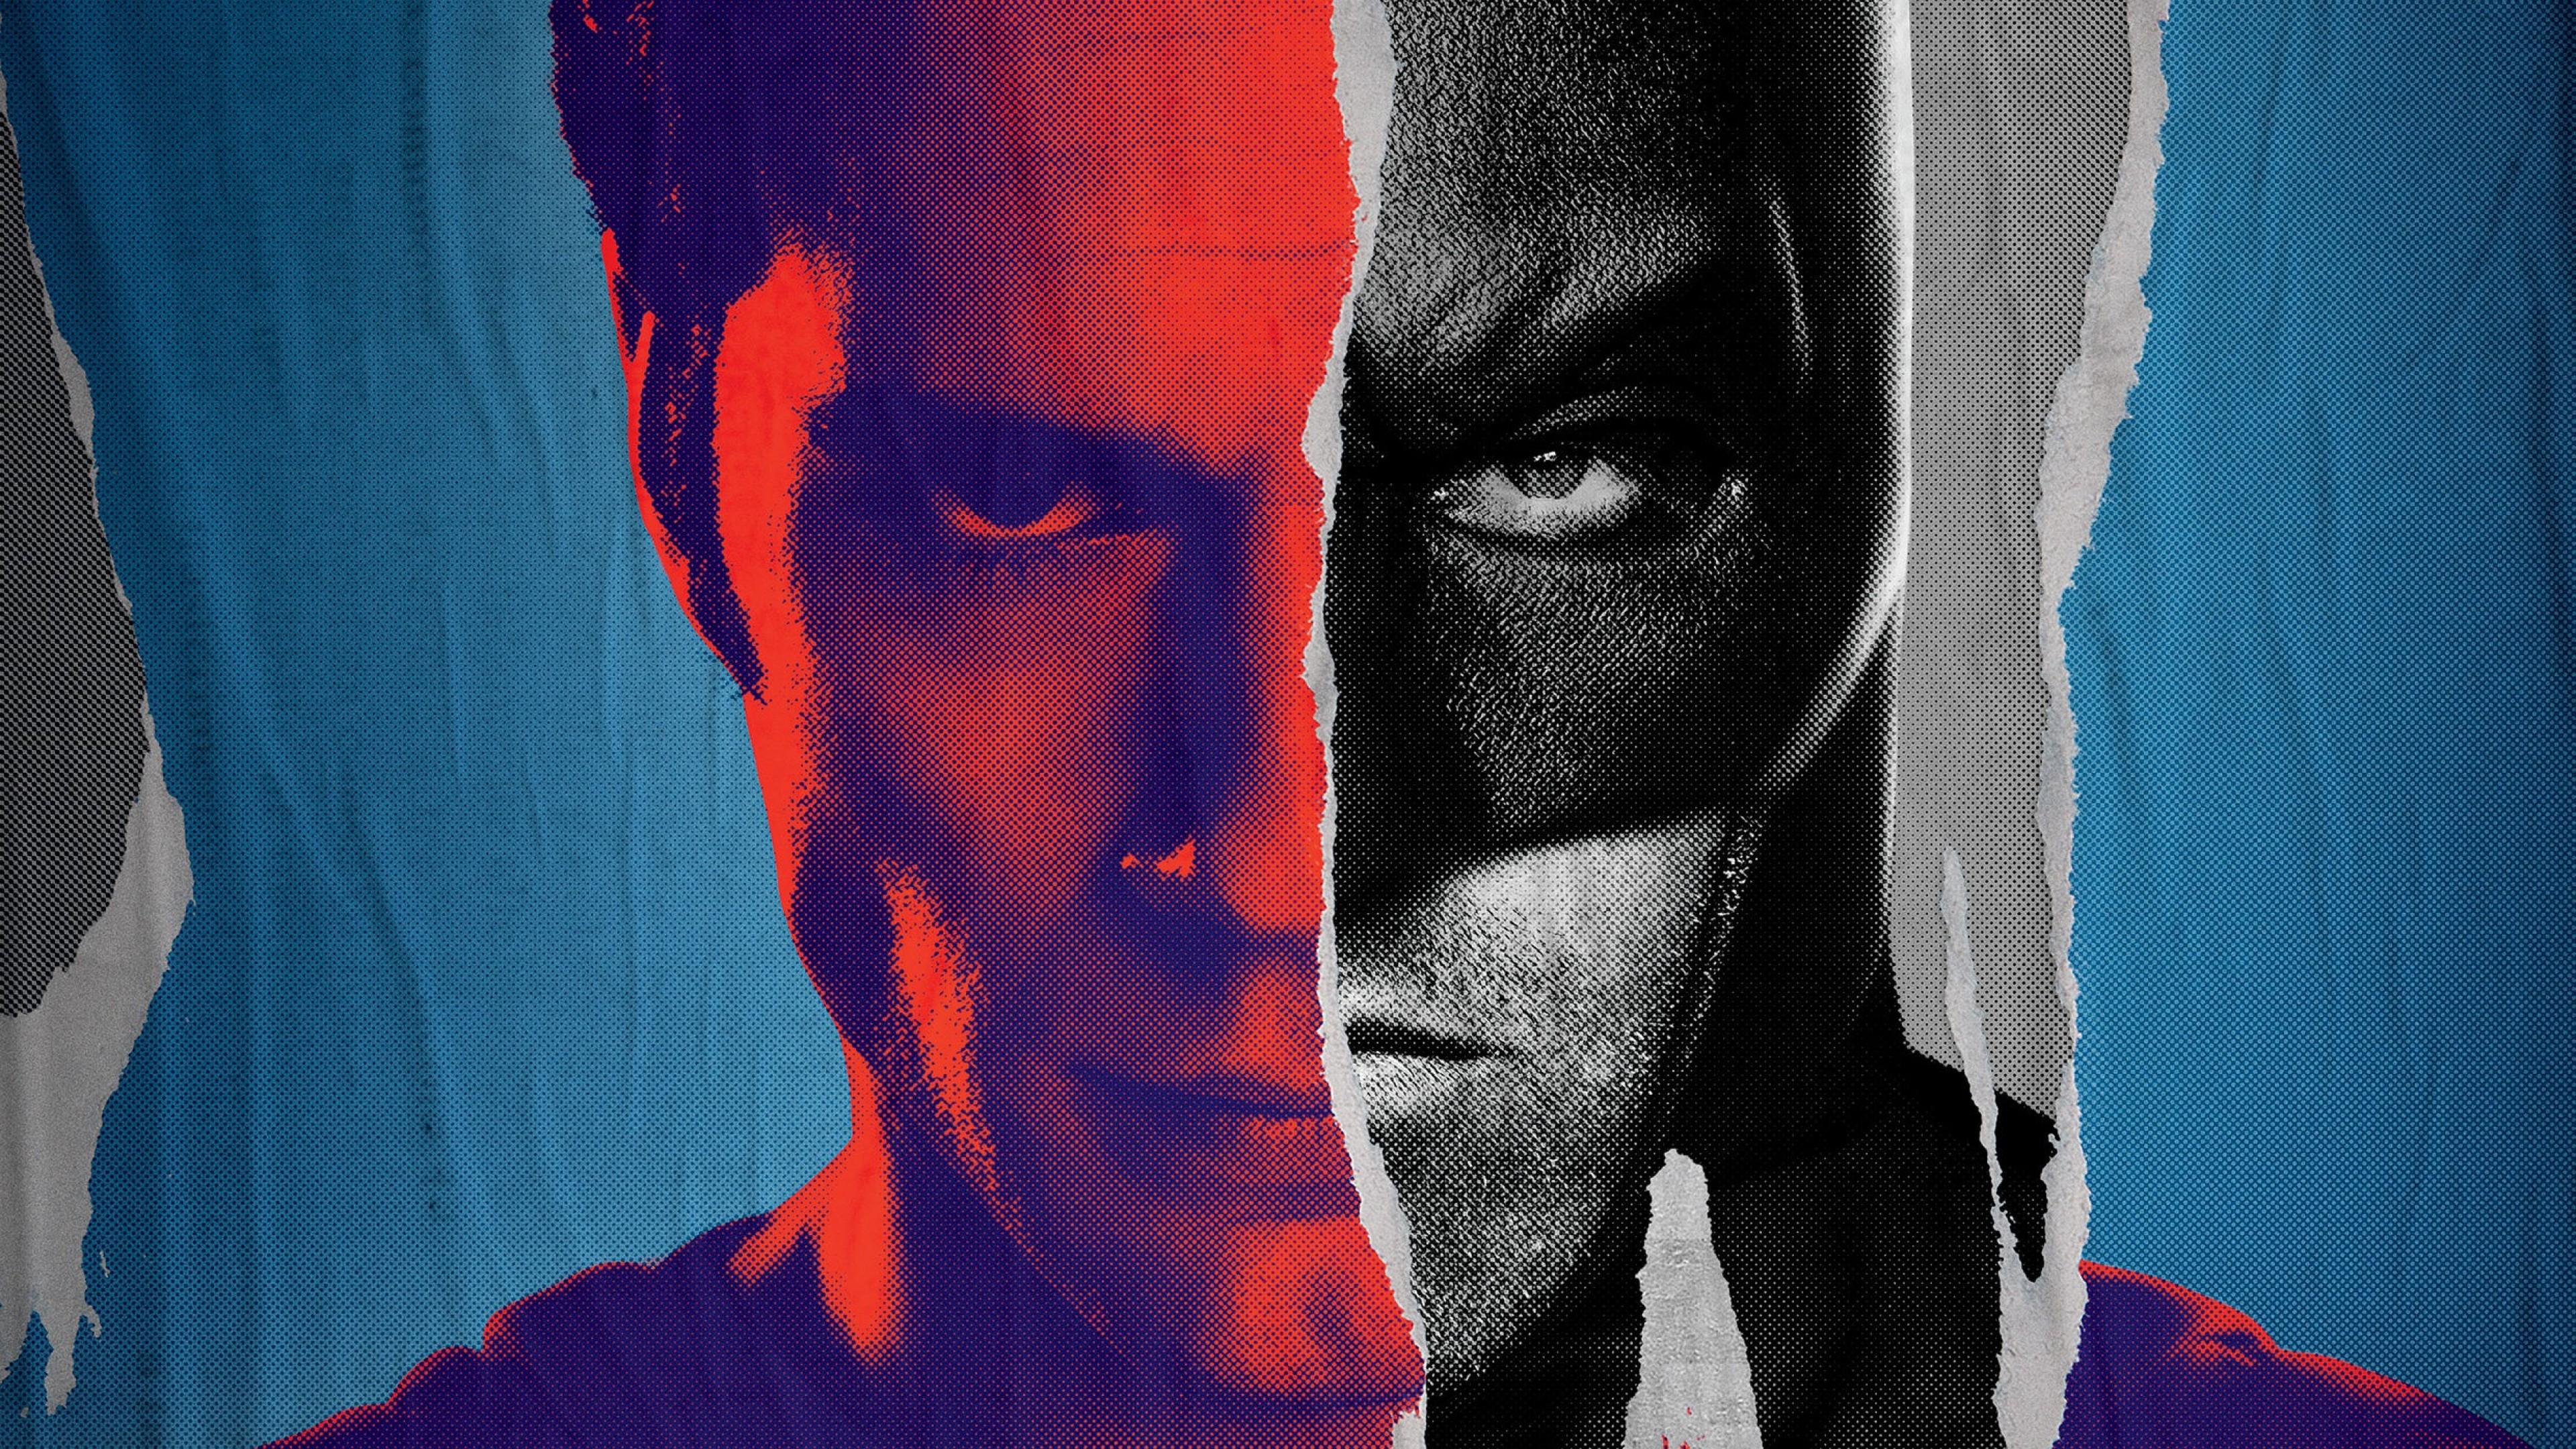 Рекламный плакат красно-серое лицо с взглядом-противостояние,соперничество